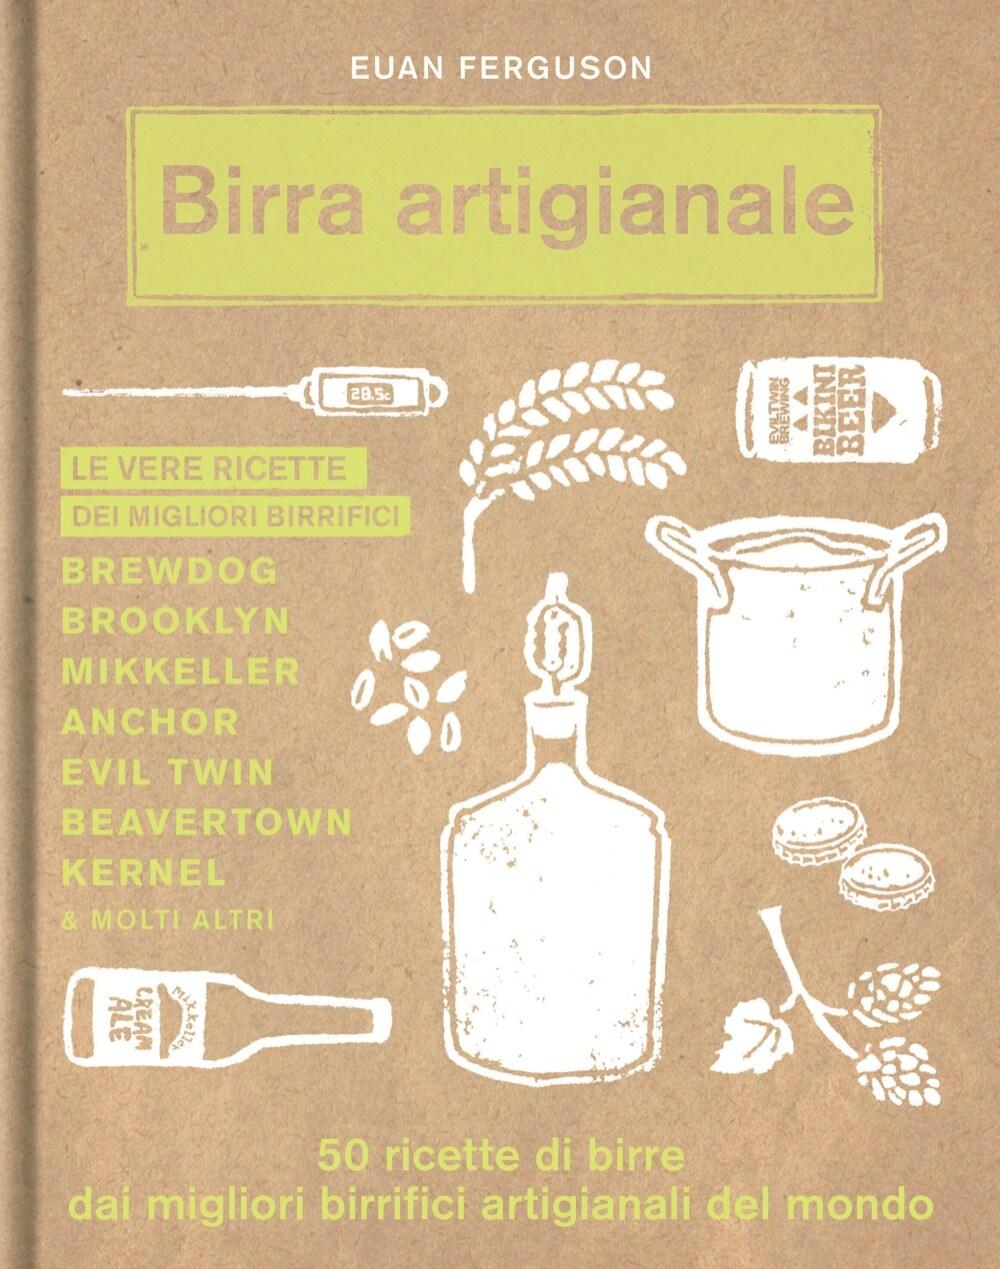 Copertina di Birra Artigianale Guido Tommasi Editore